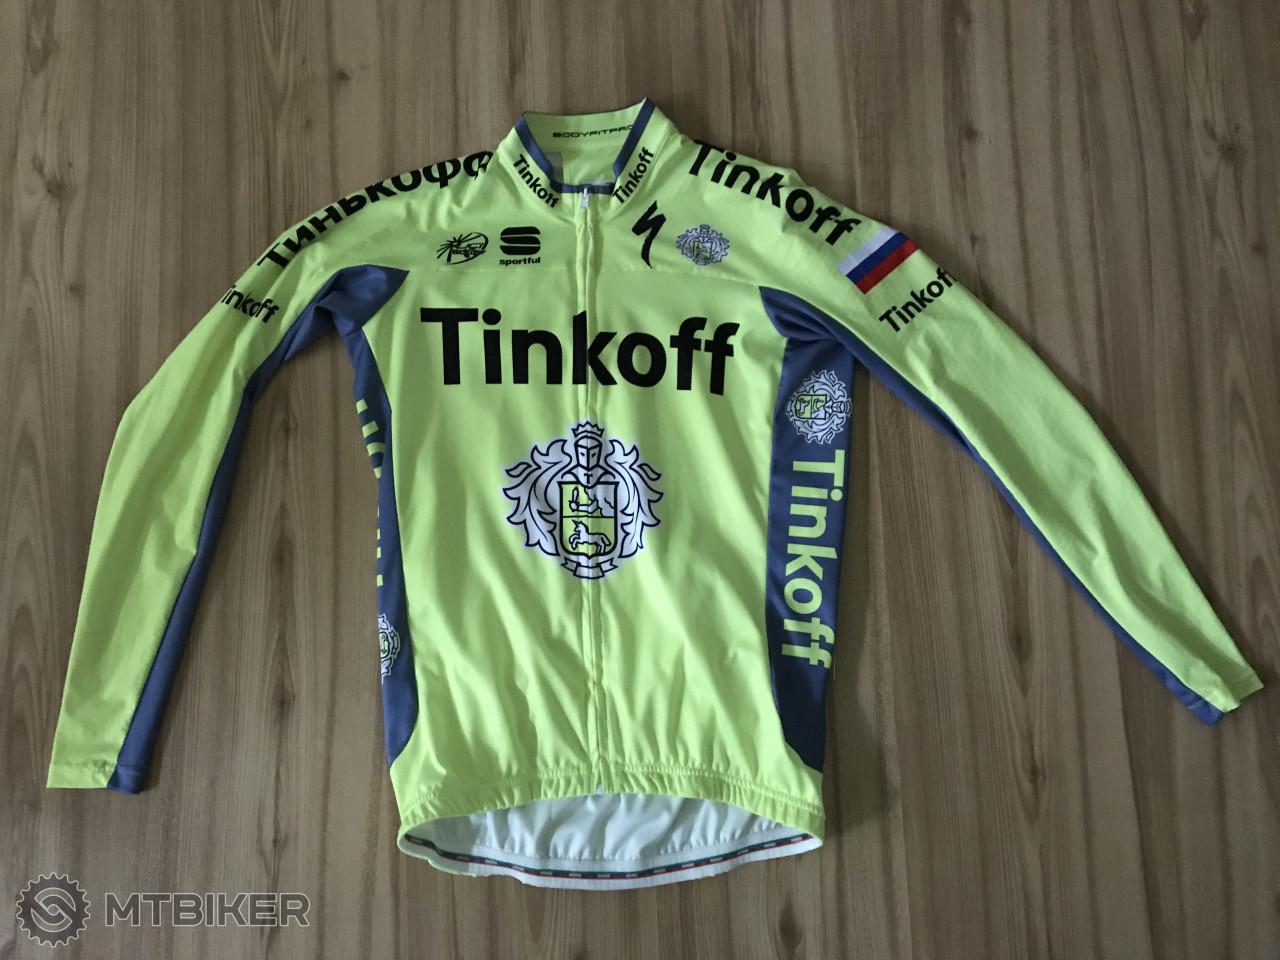 703641b91f3d4 Dlhy Dres Sportfull Tinkoff - Príslušenstvo - Oblečenie a batohy - Bazár  MTBIKER